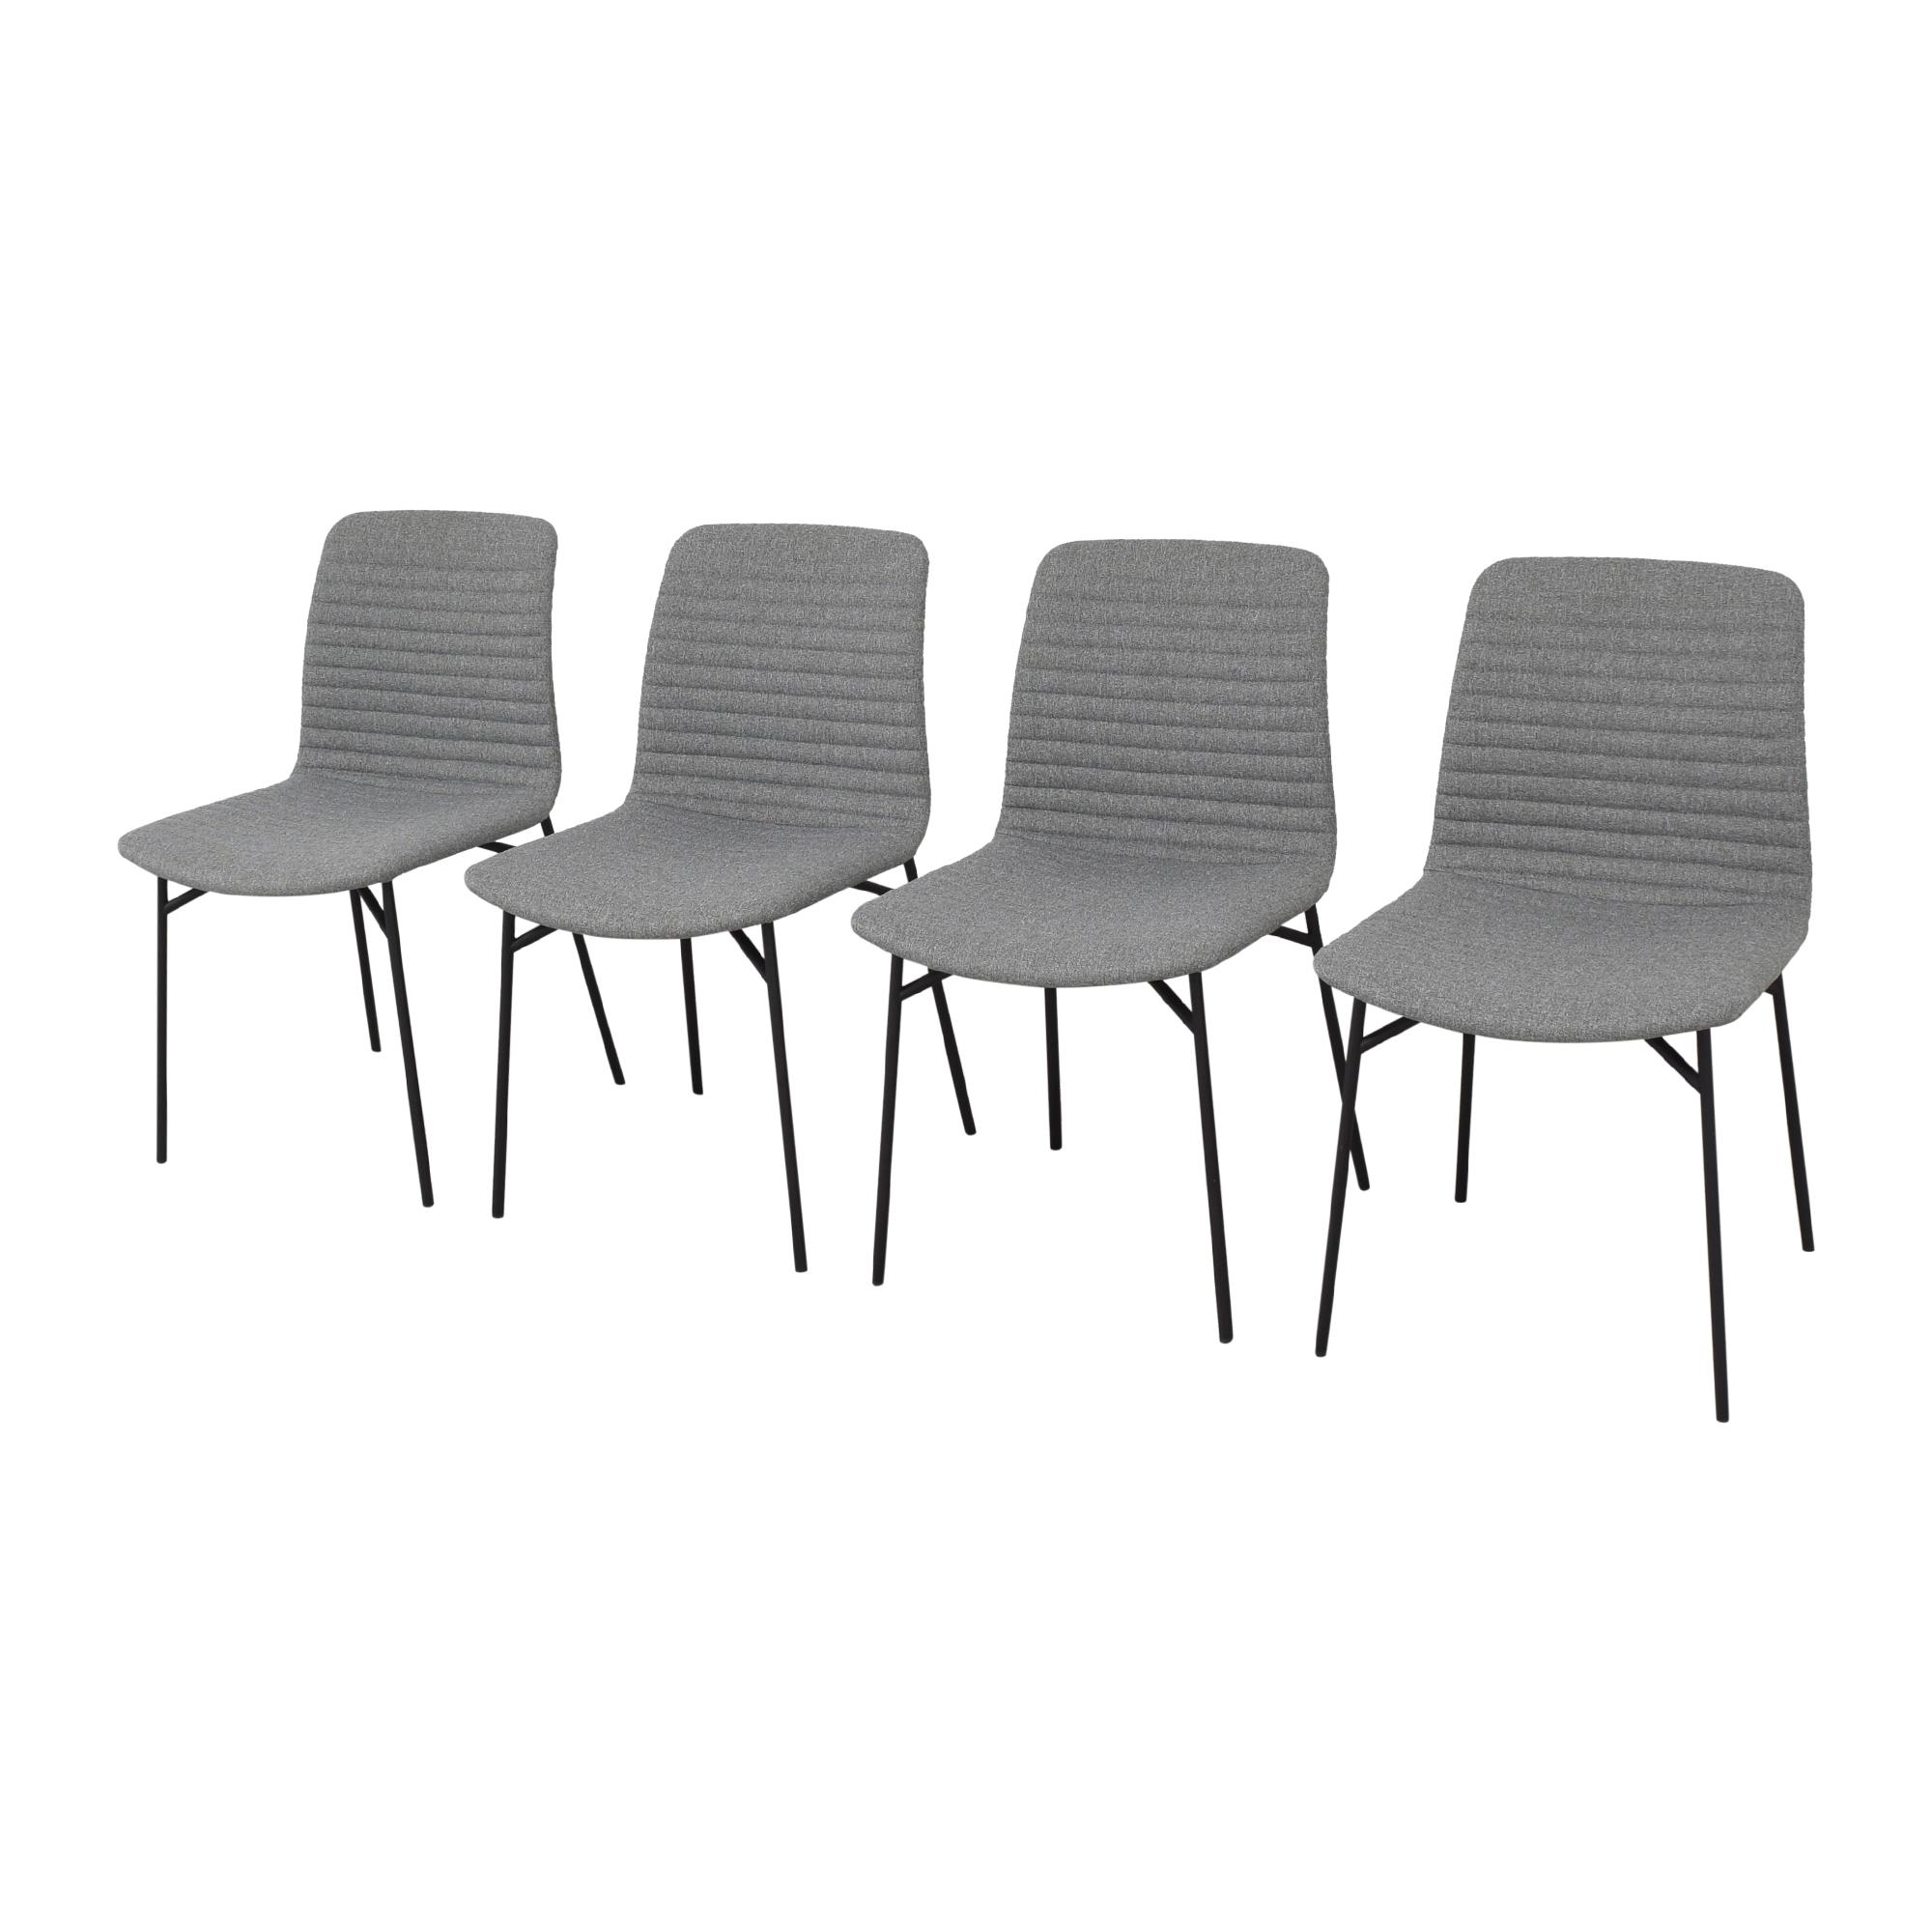 Fornasarig Fornasarig Data Chairs Chairs